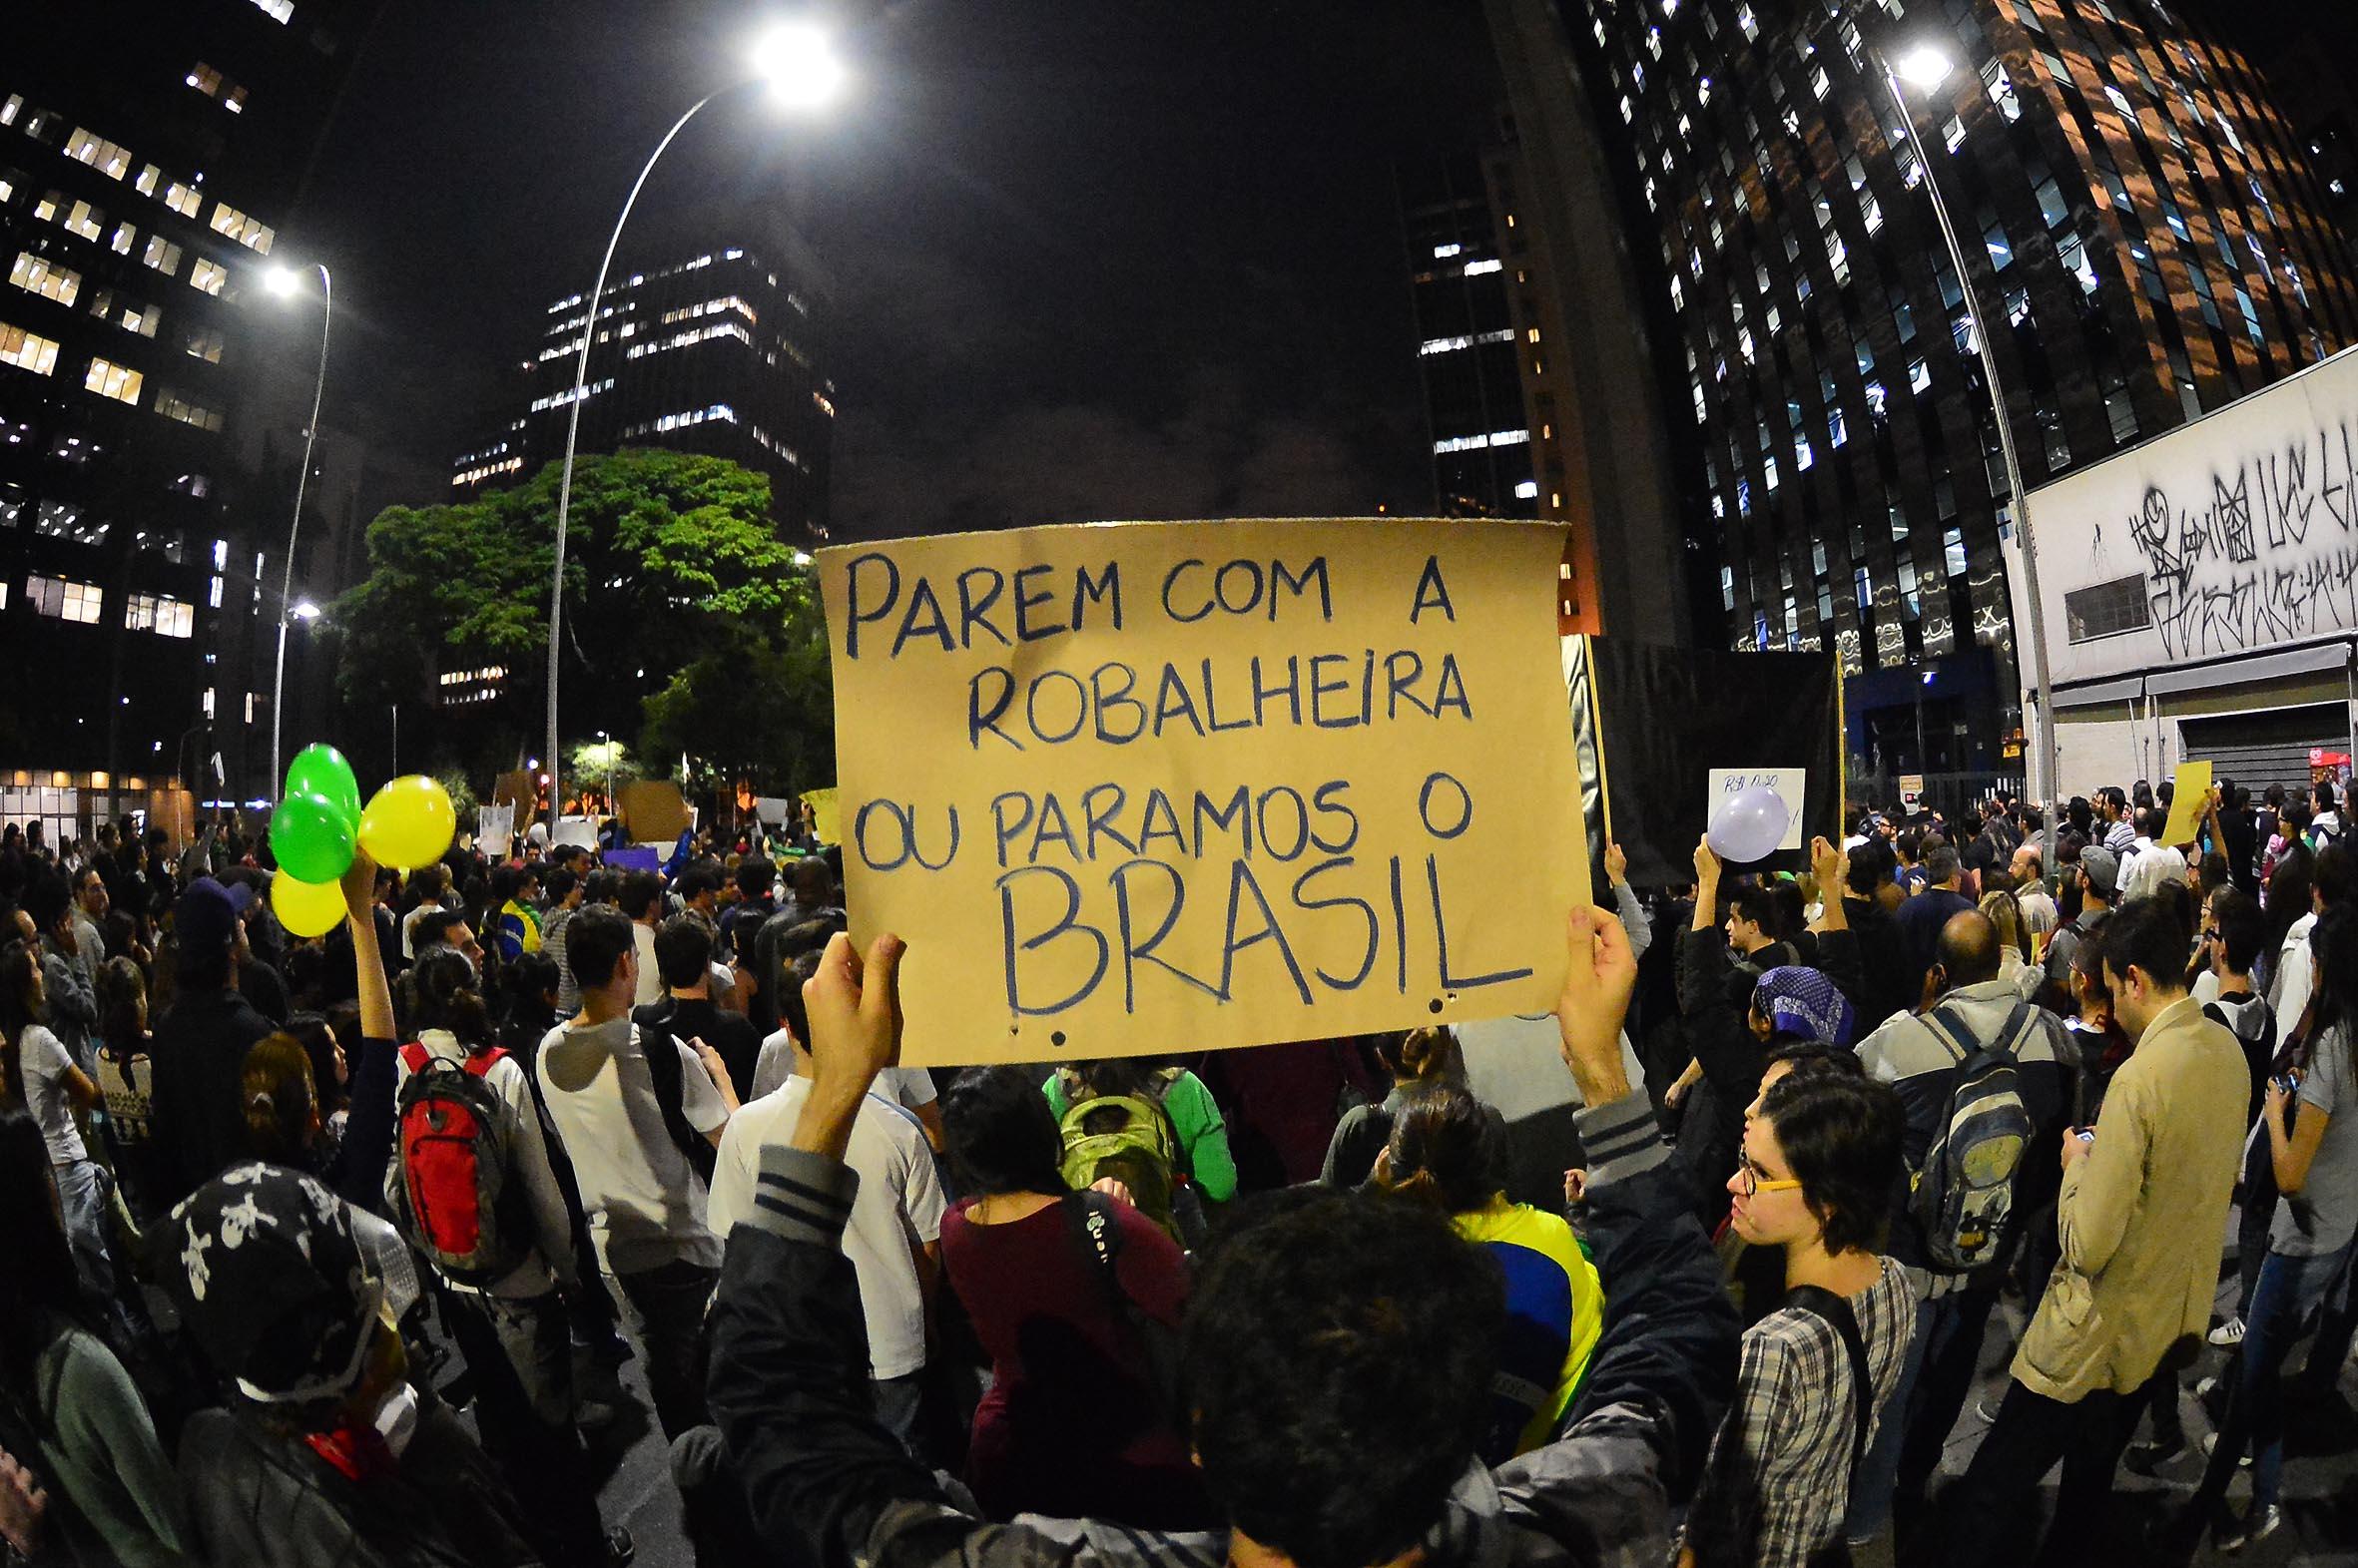 Alckmin muda discurso sobre manifestações e diz que está aberto ao diálogo